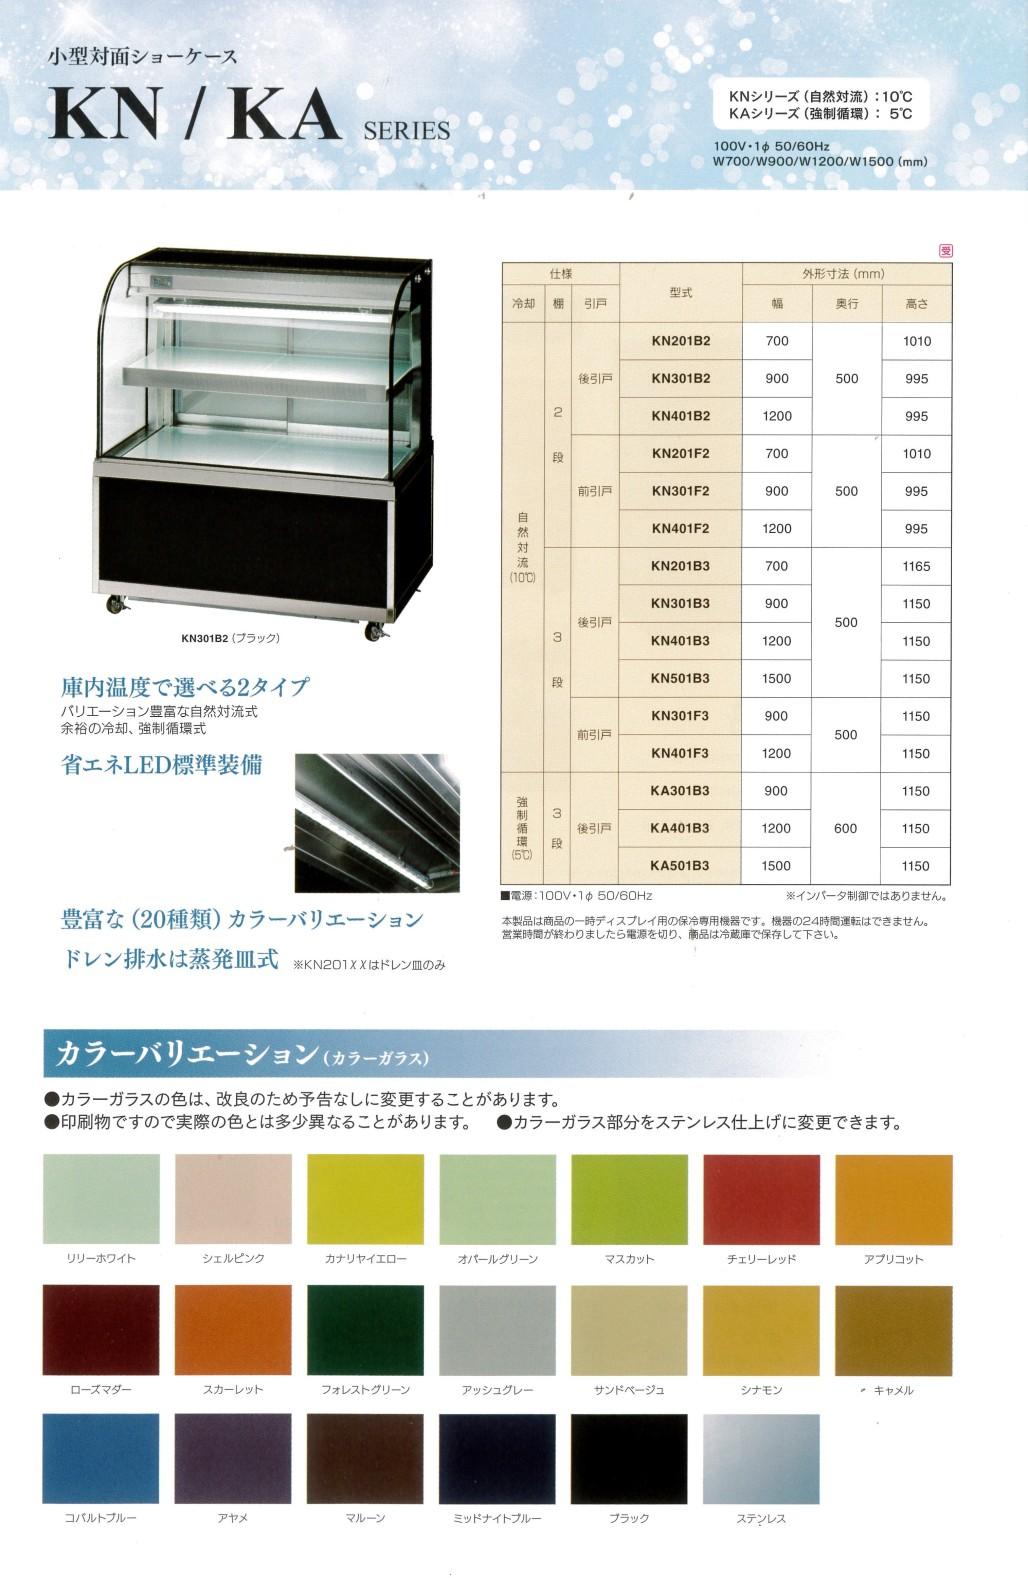 【ダイワ】【業務用】【新品】 対面冷蔵ショーケース KN201B2 単相100V